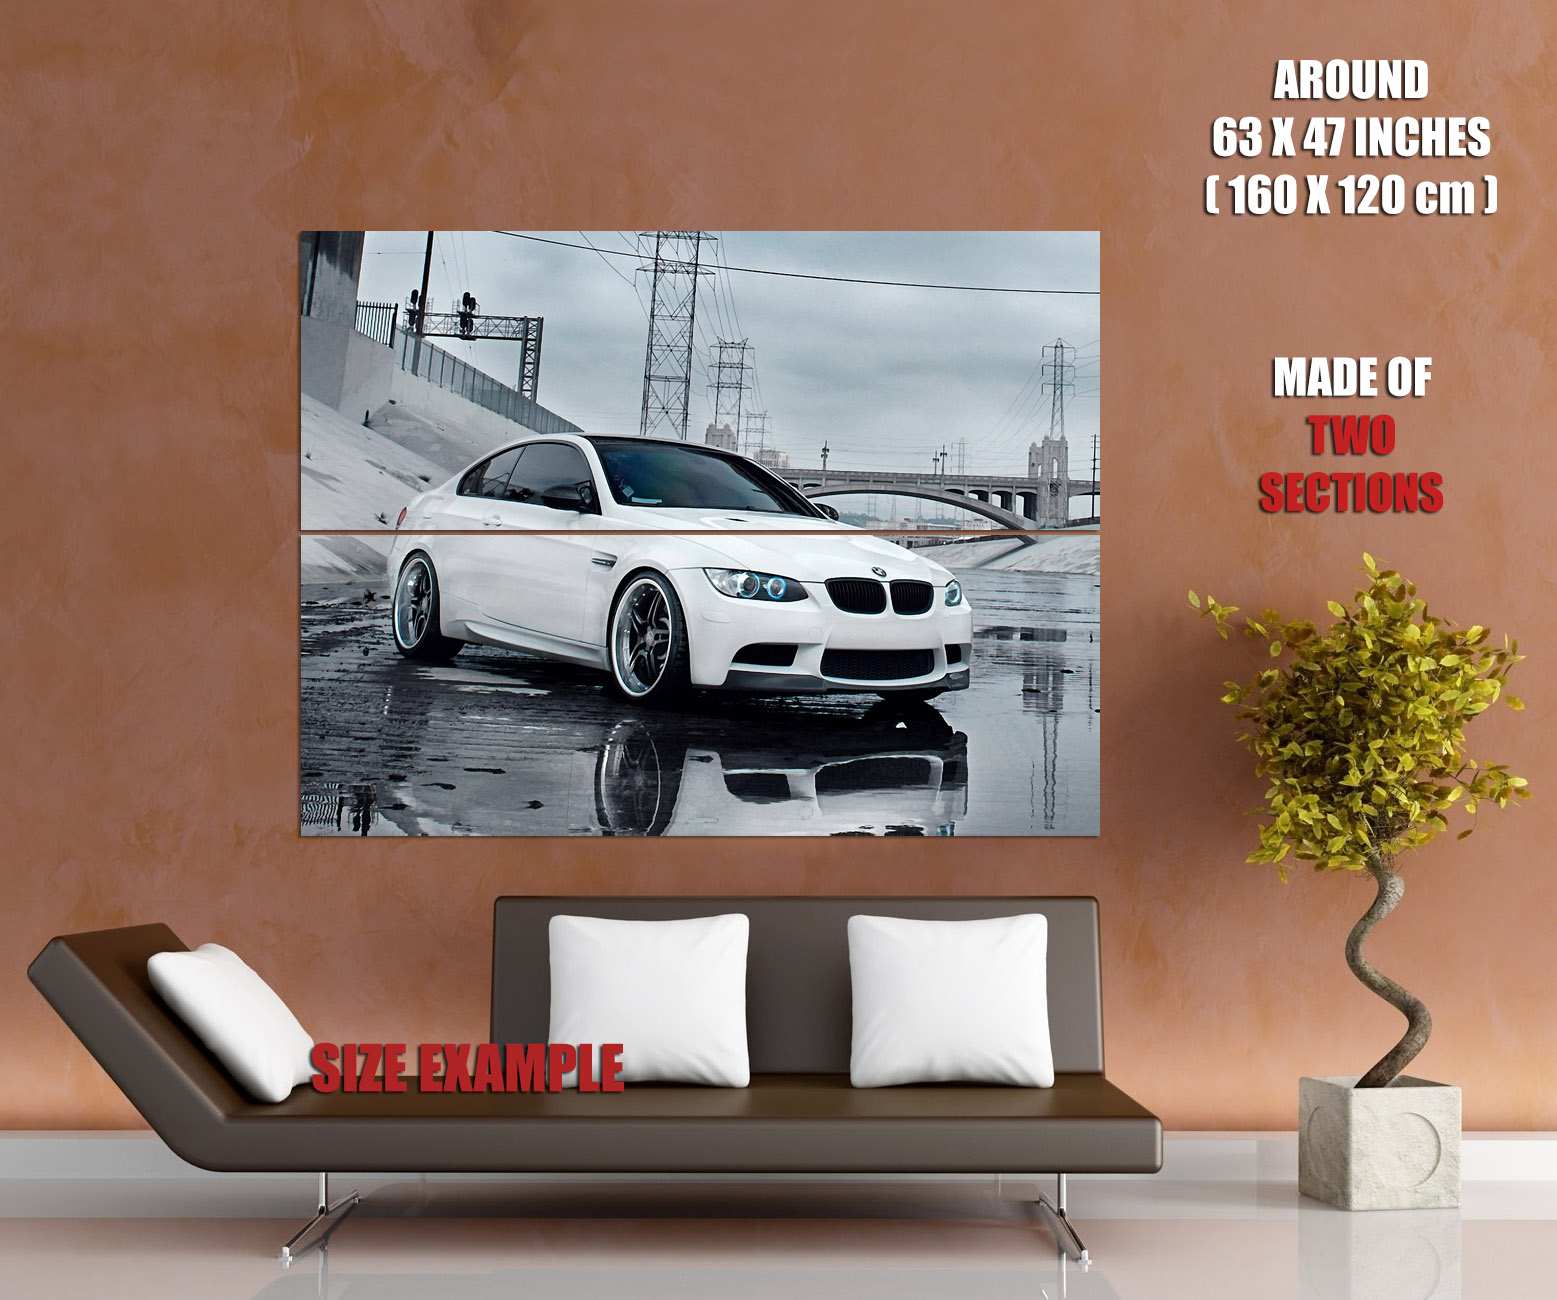 BMW-White-sough-City-Megapolis-Landscape-Wall-Print-POSTER-AU